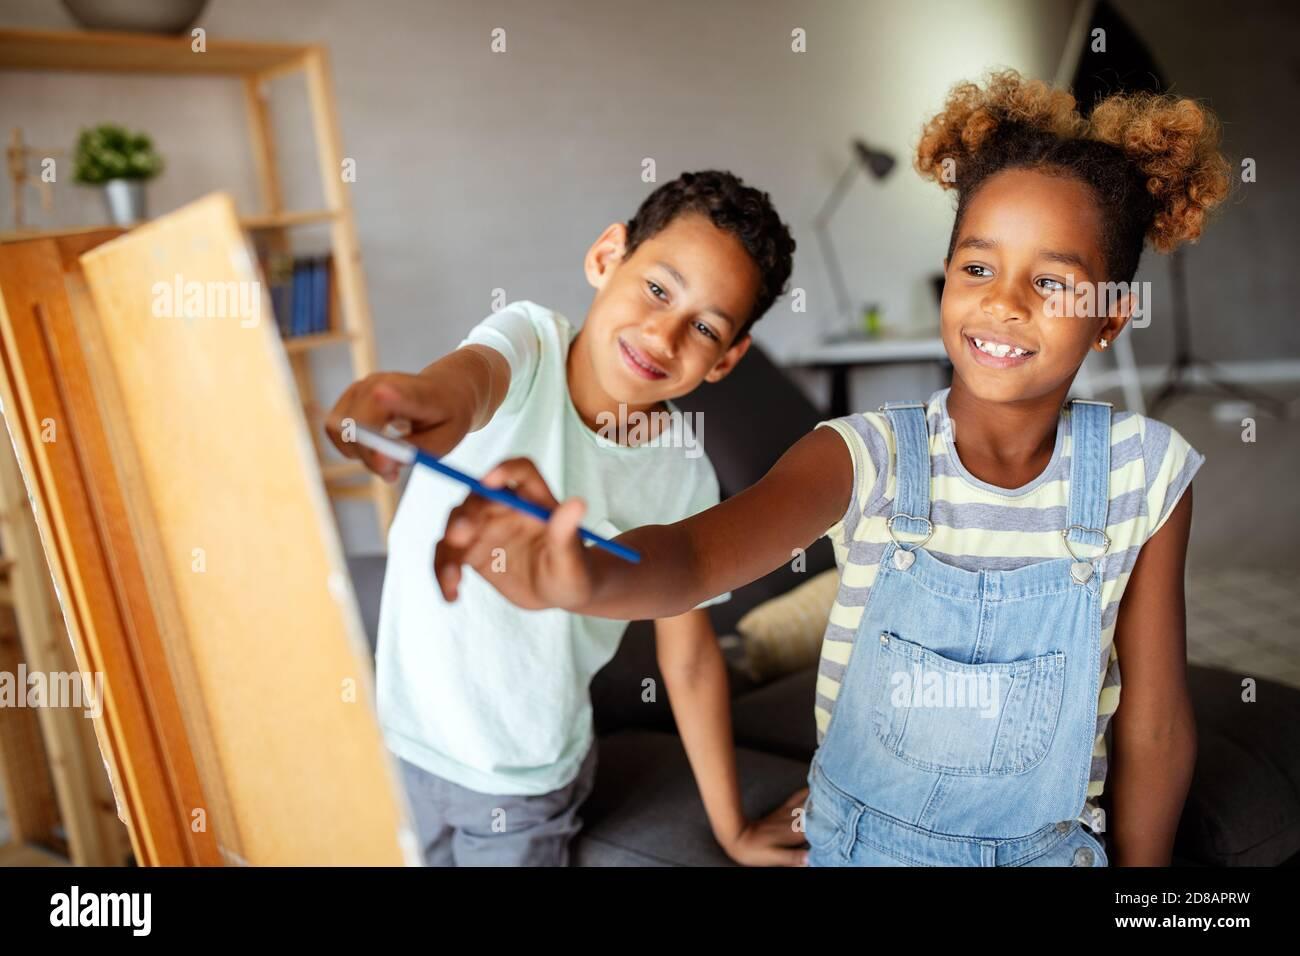 Concept de l'éducation de la petite enfance, la peinture, le talent, enfants heureux Banque D'Images